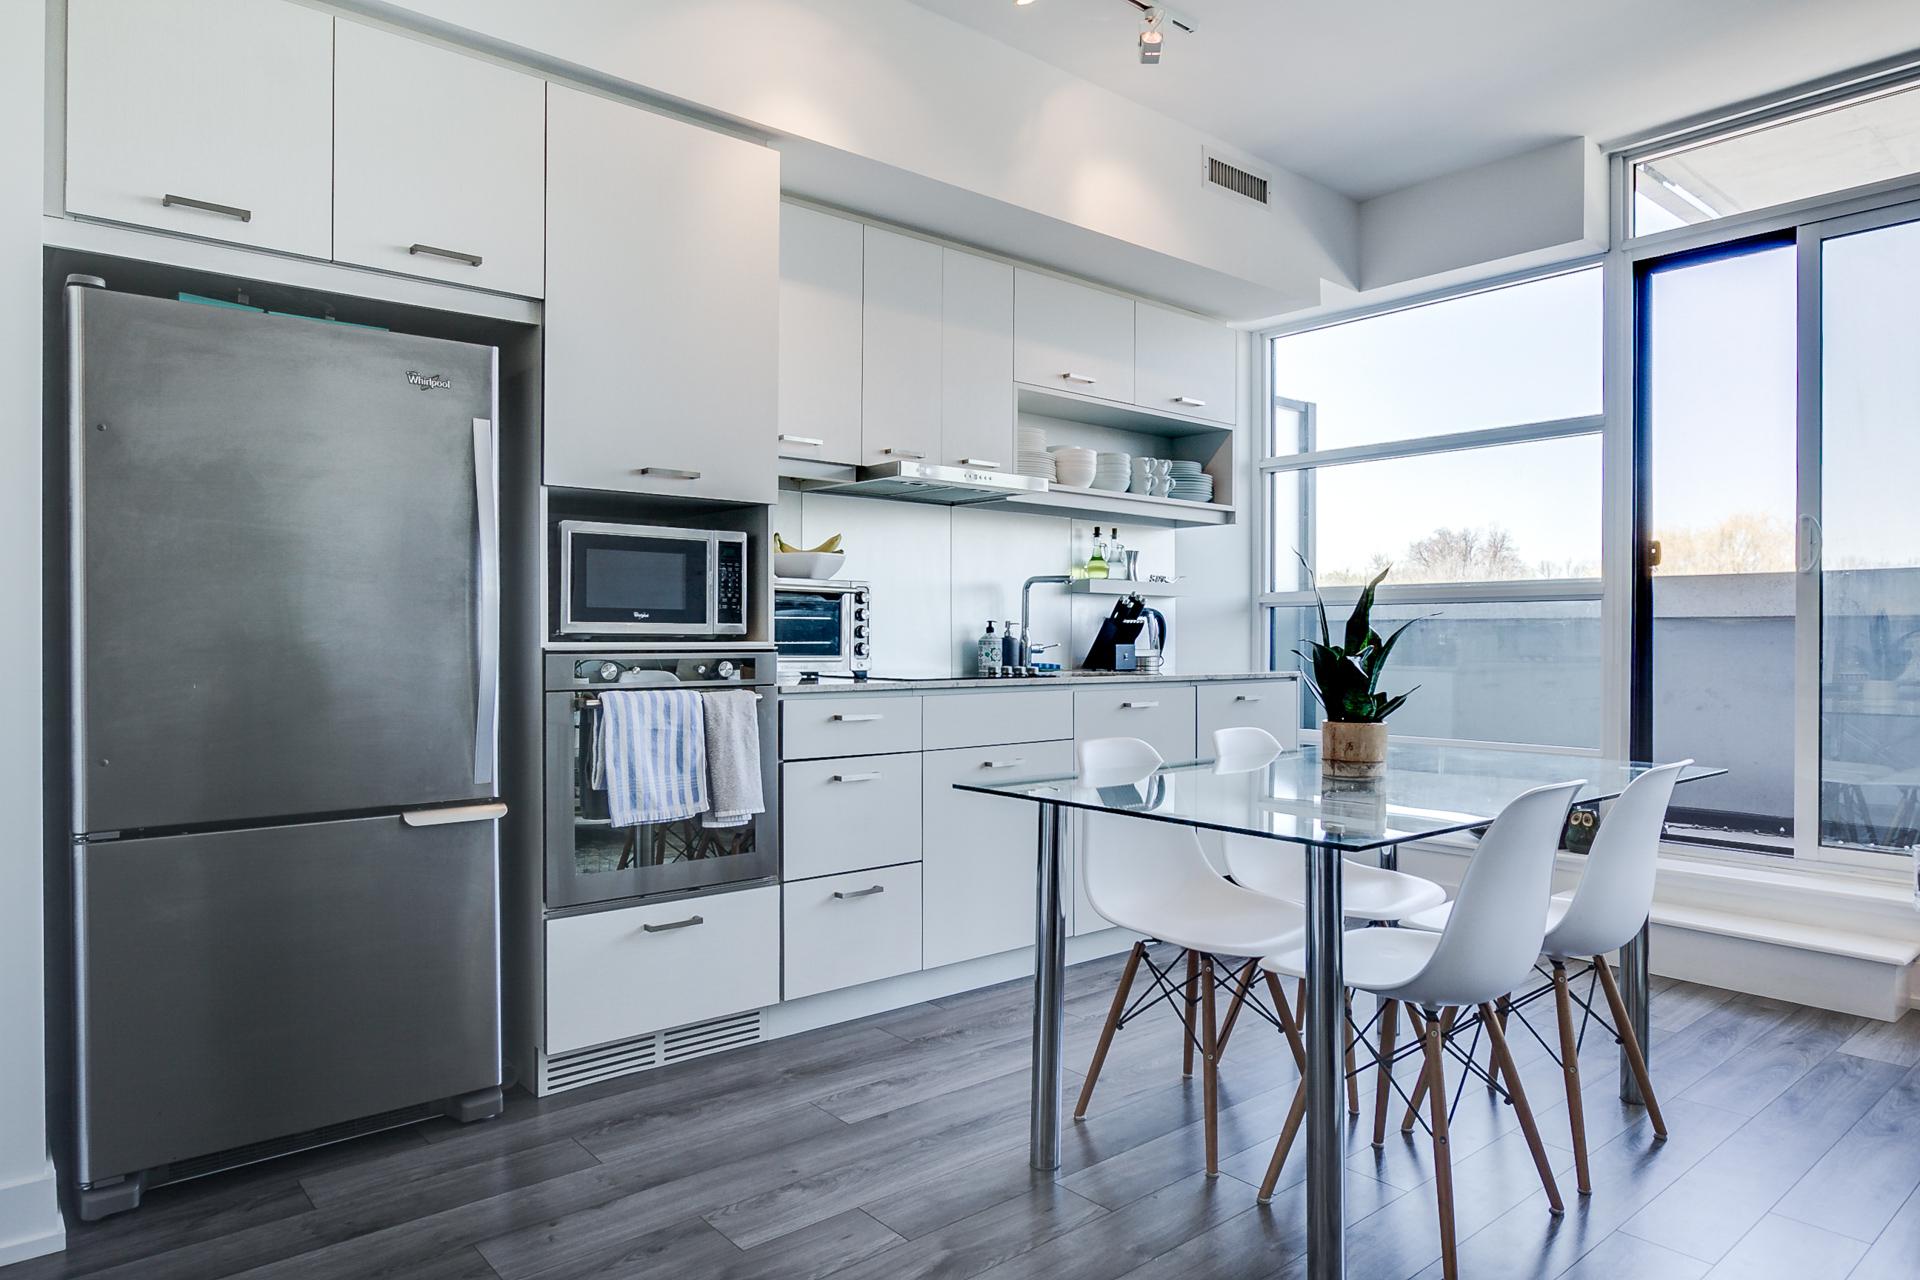 14_kitchen4.jpg